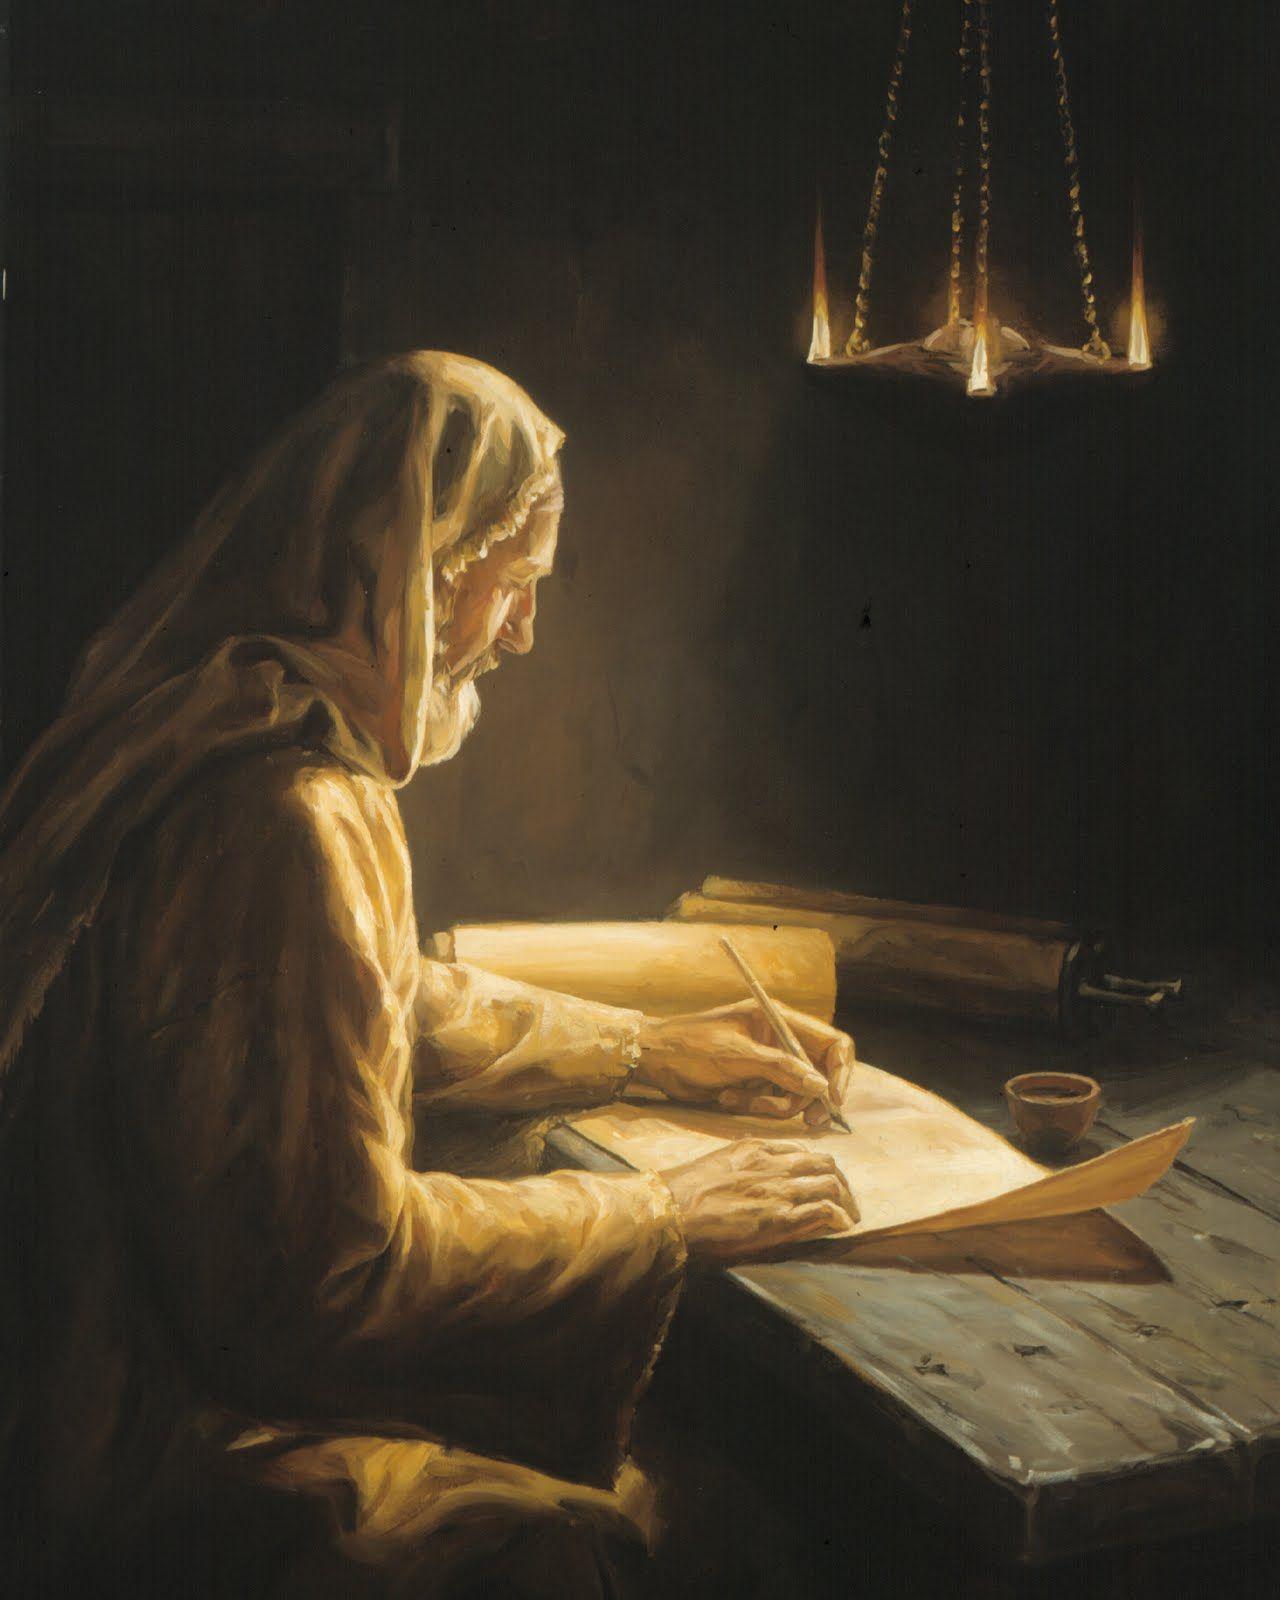 Profeta Daniel visiones profecías Biblia NEOATIERRA